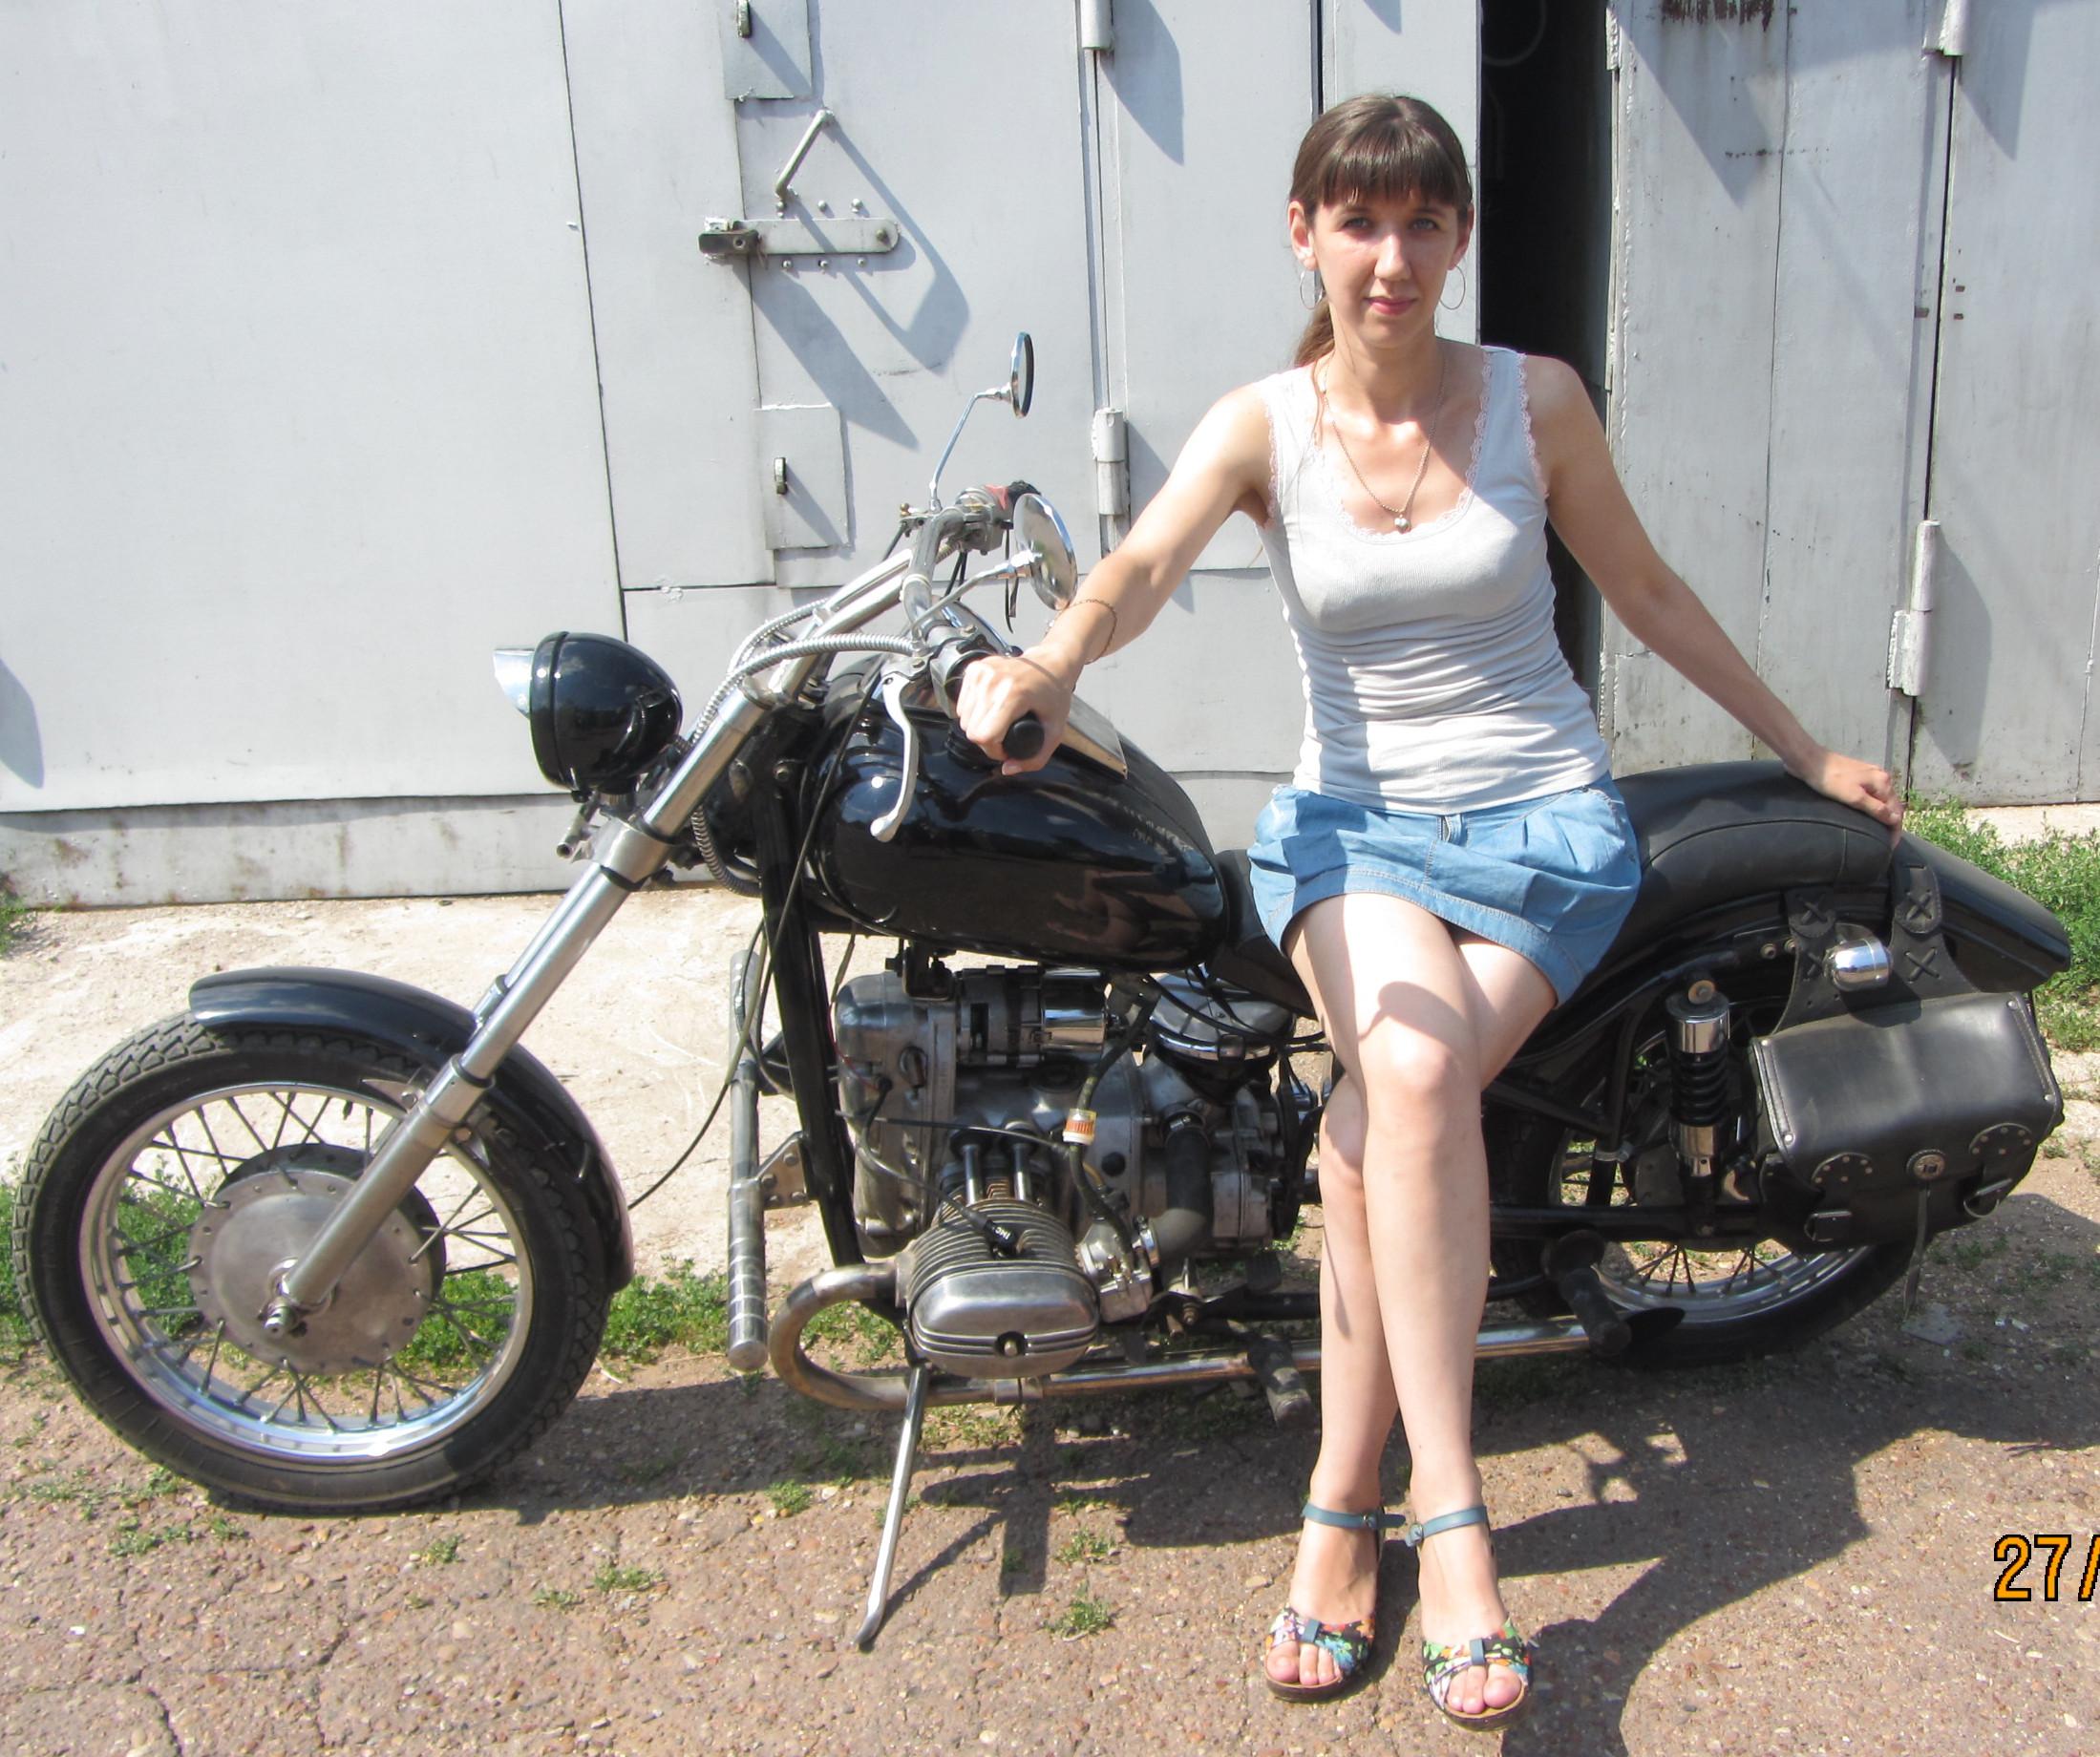 Мотоцикл- моя мечта!!. Летний образ